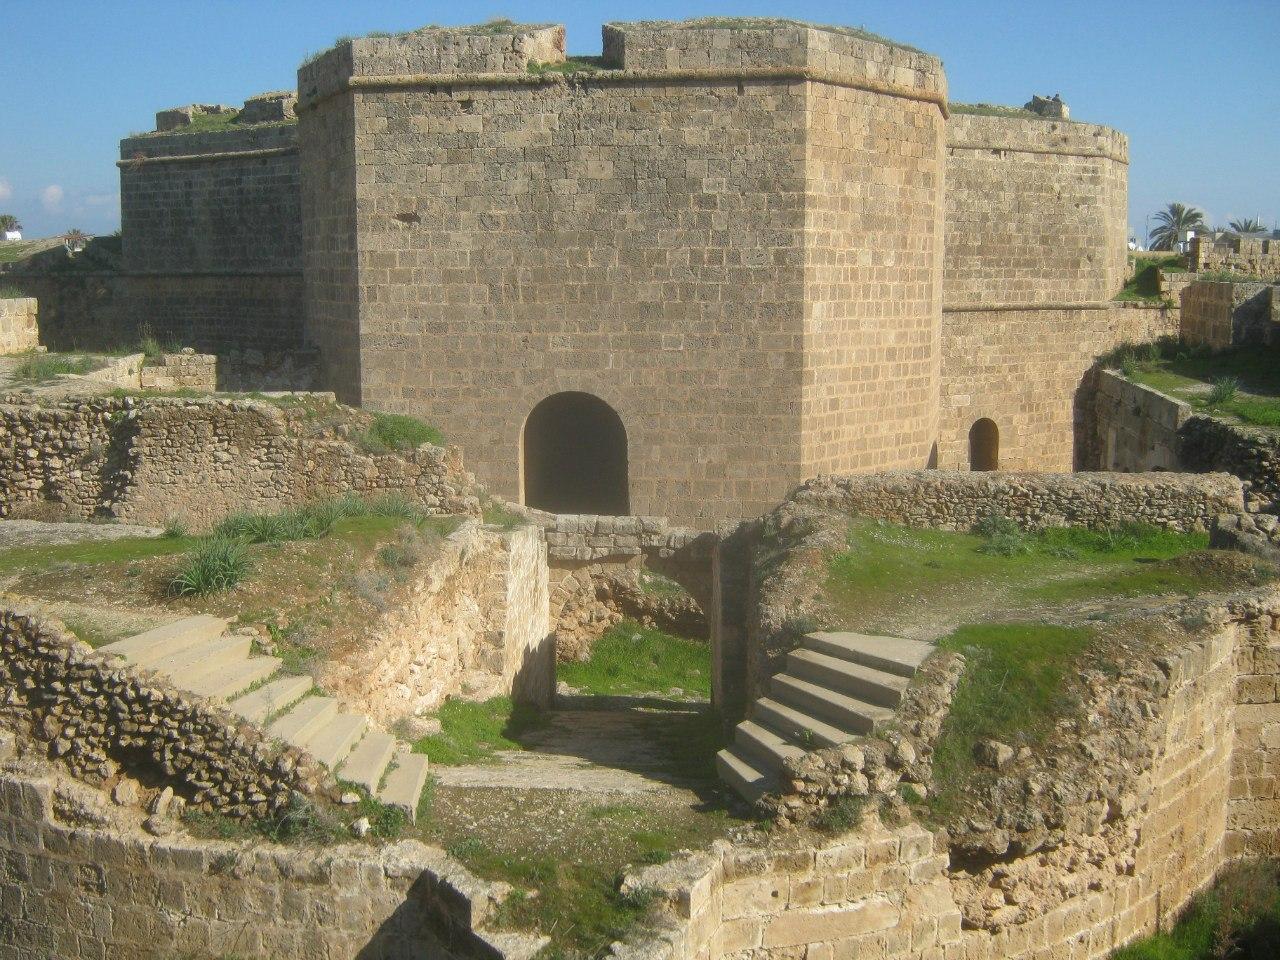 проход через башню внутрь крепости Фамагуста